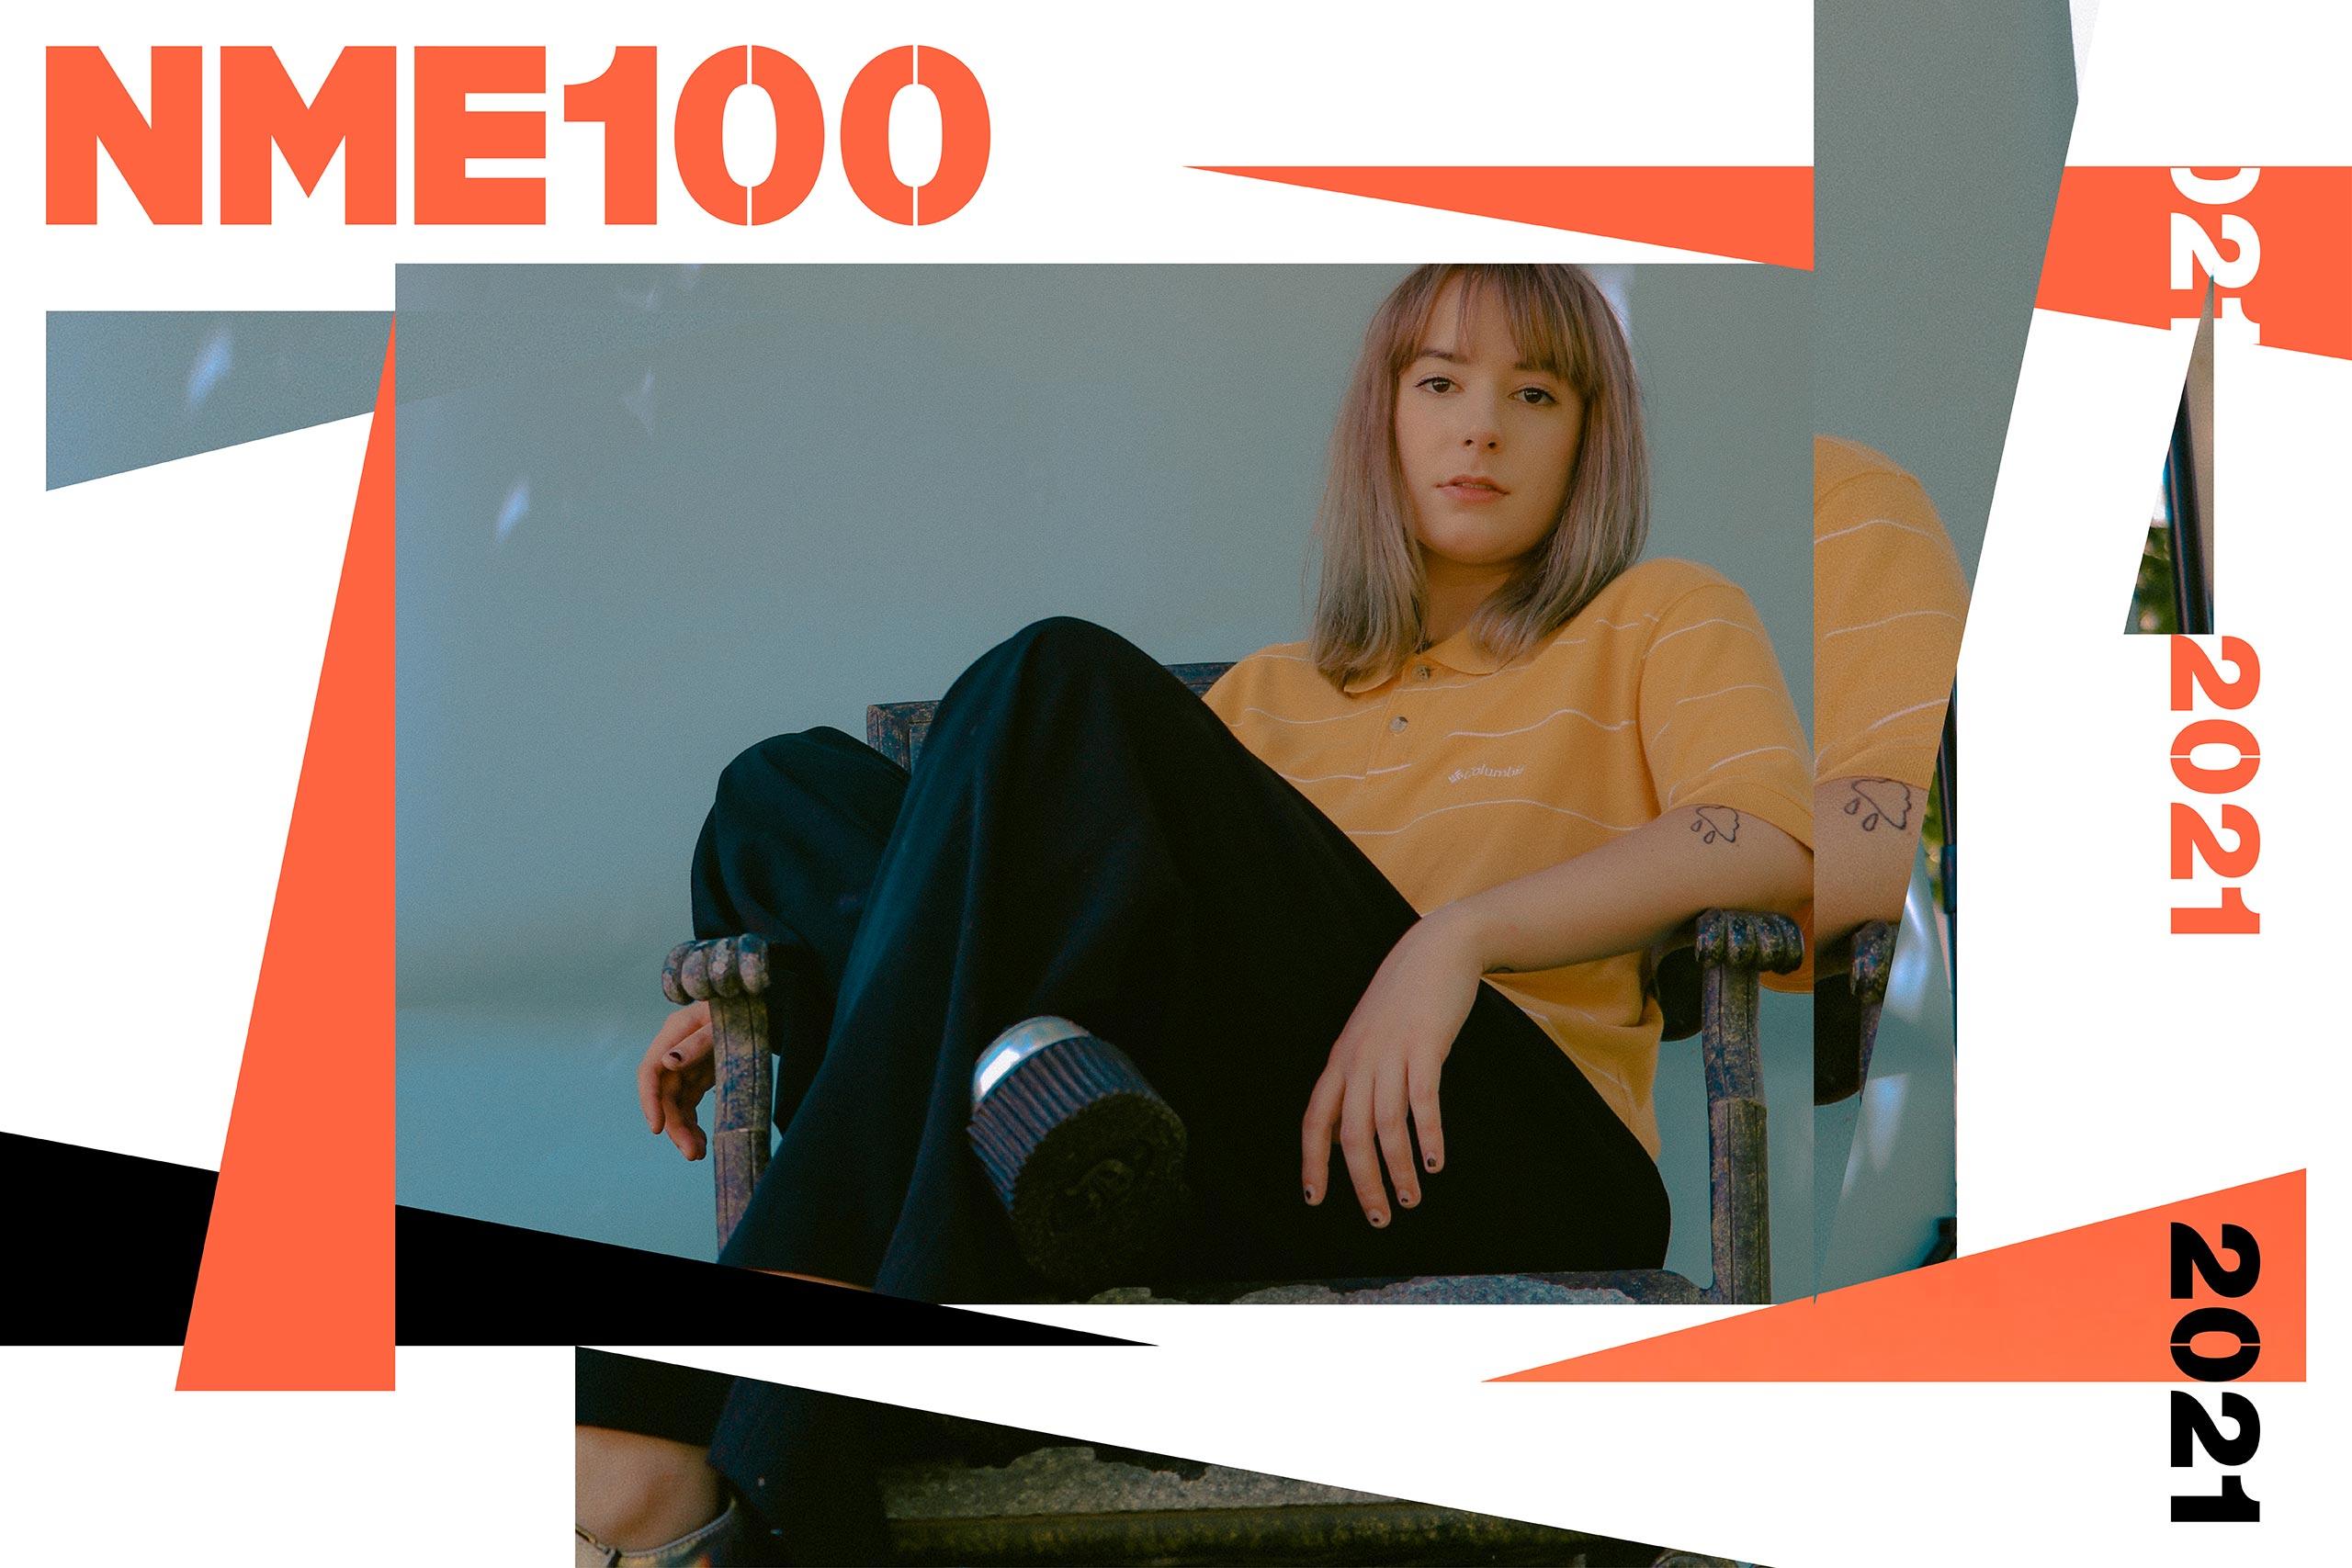 NME 100 jordana